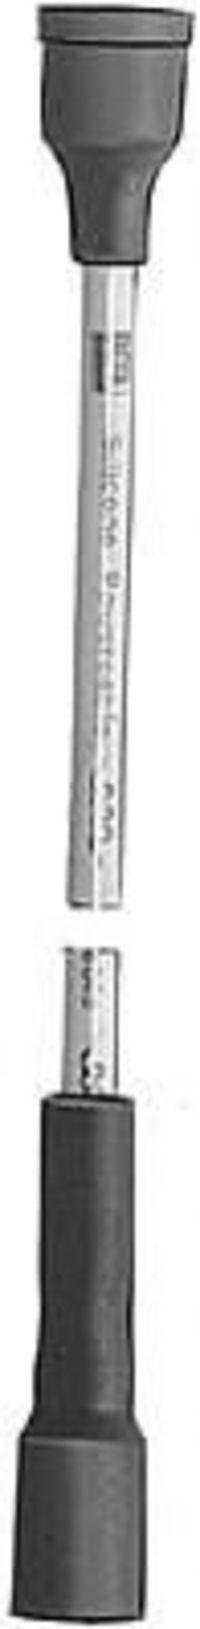 Провод зажигания BERU R6